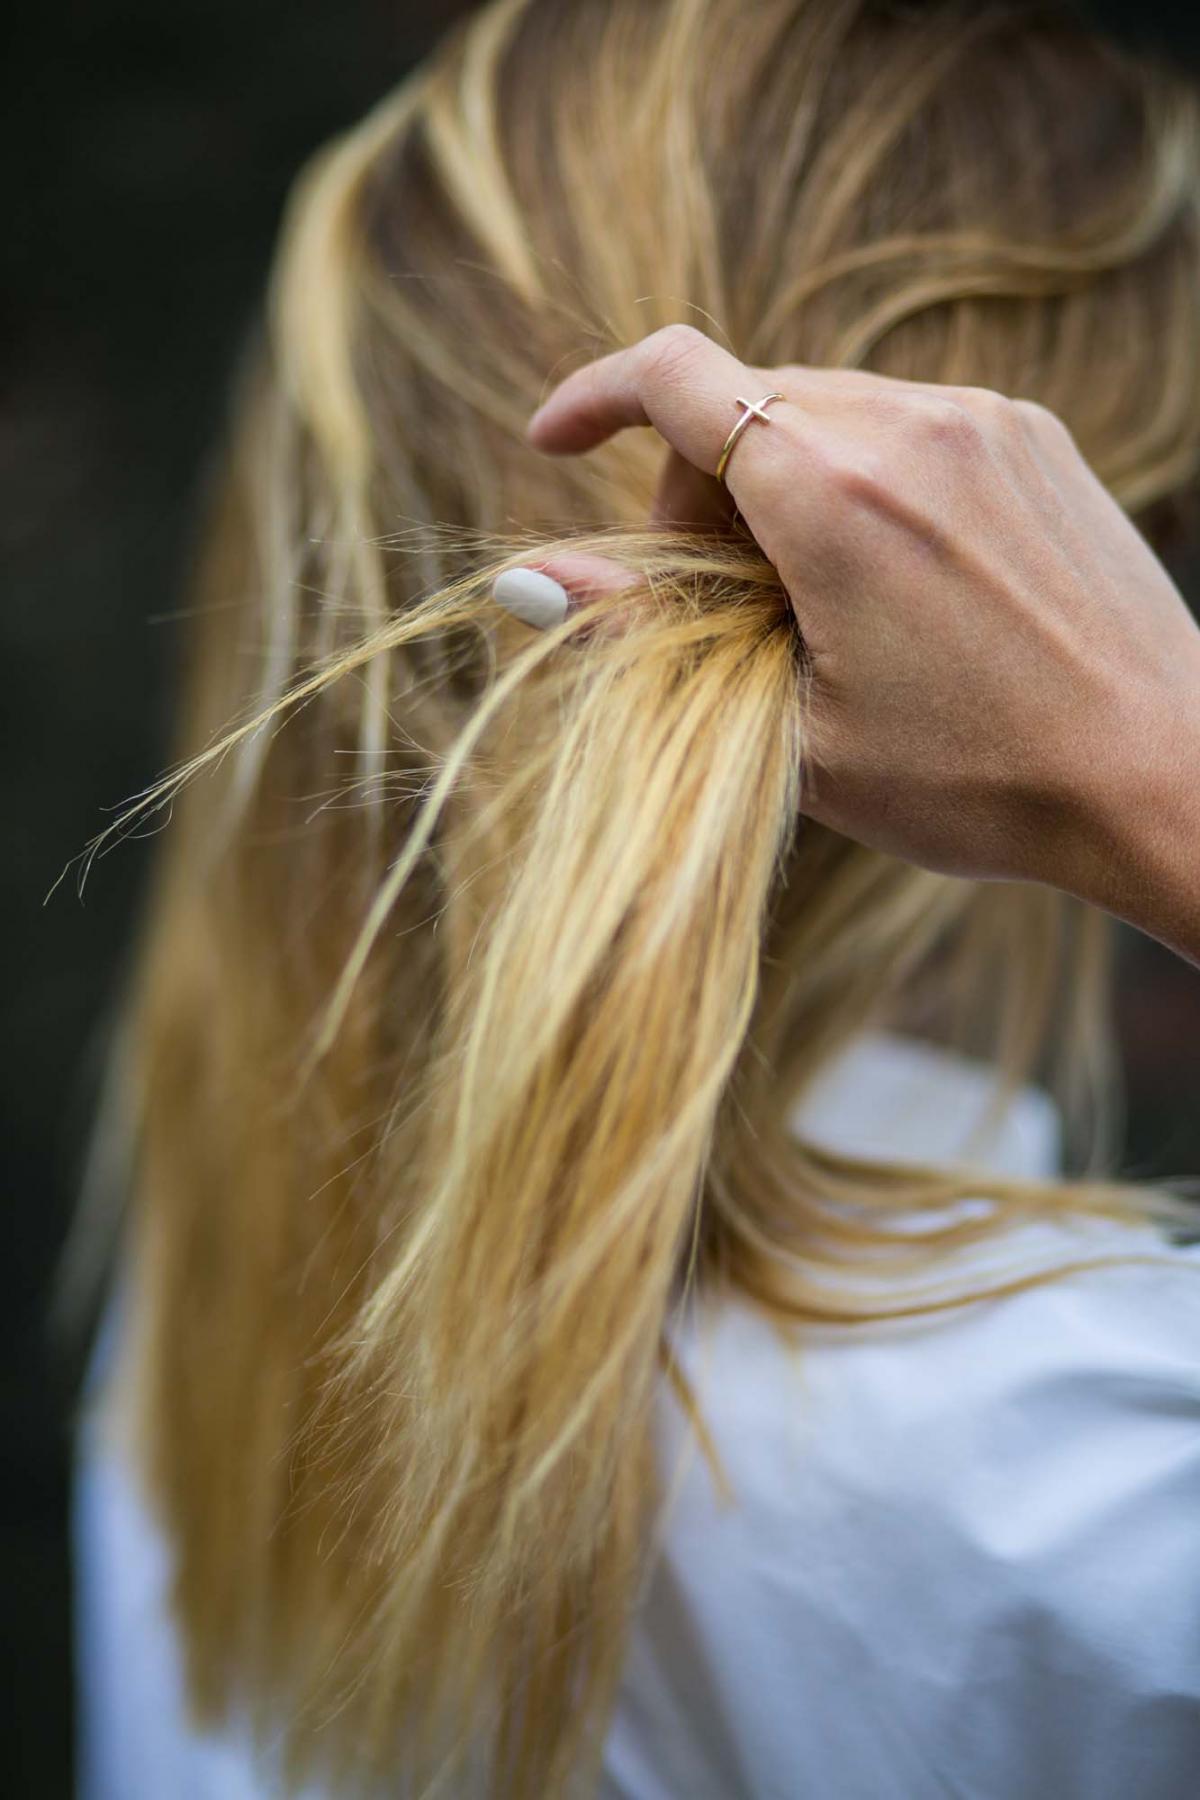 gold cross ring, blonde balayge hair